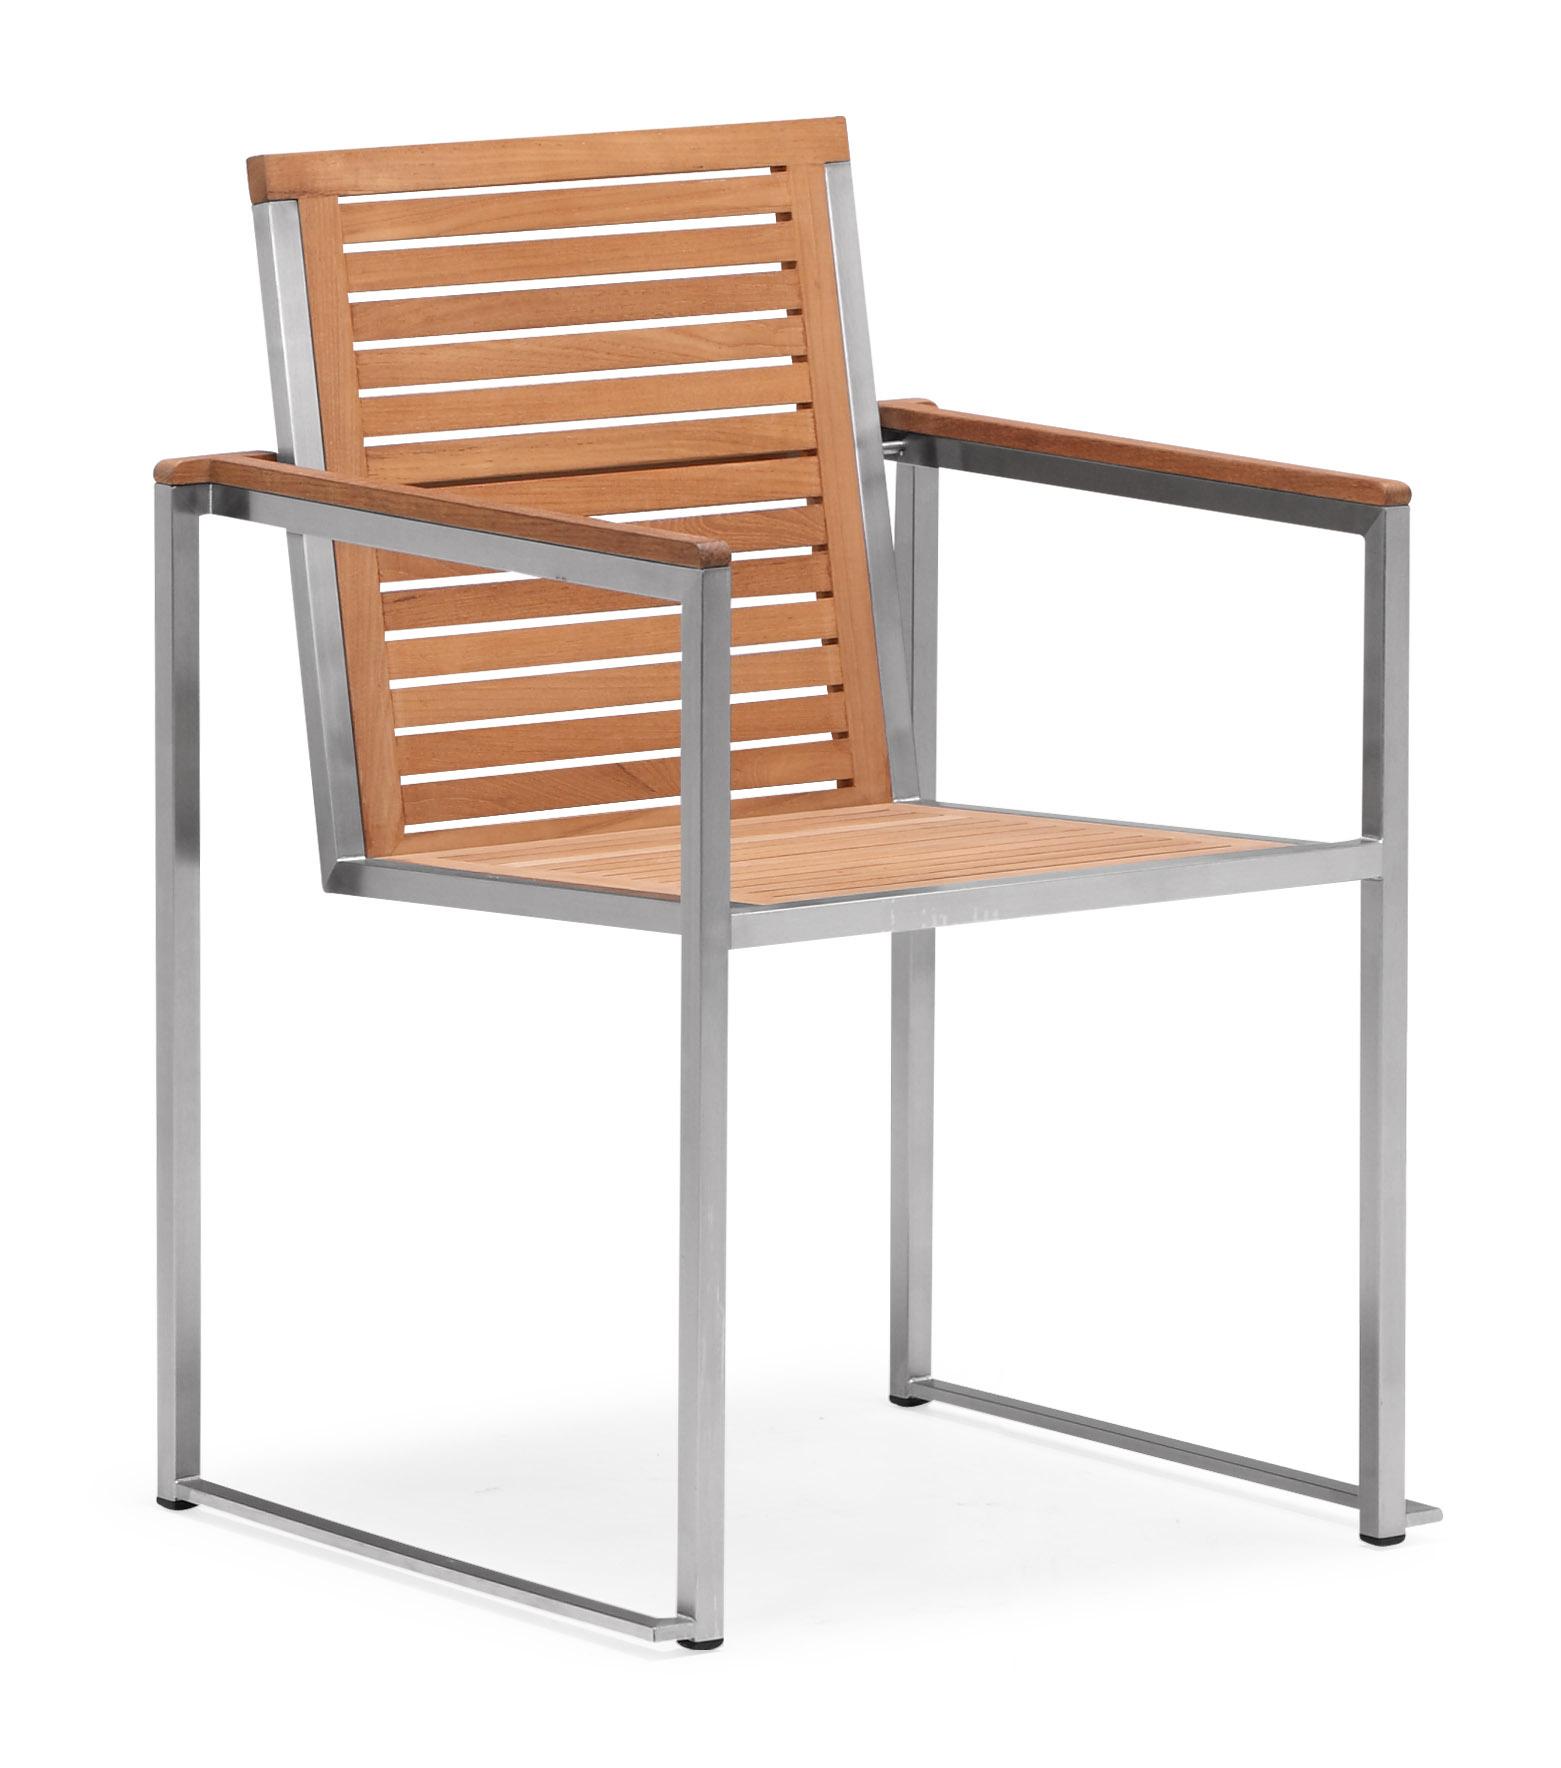 Outdoor Furniture China Manufacturer Garden Furniture Supplier